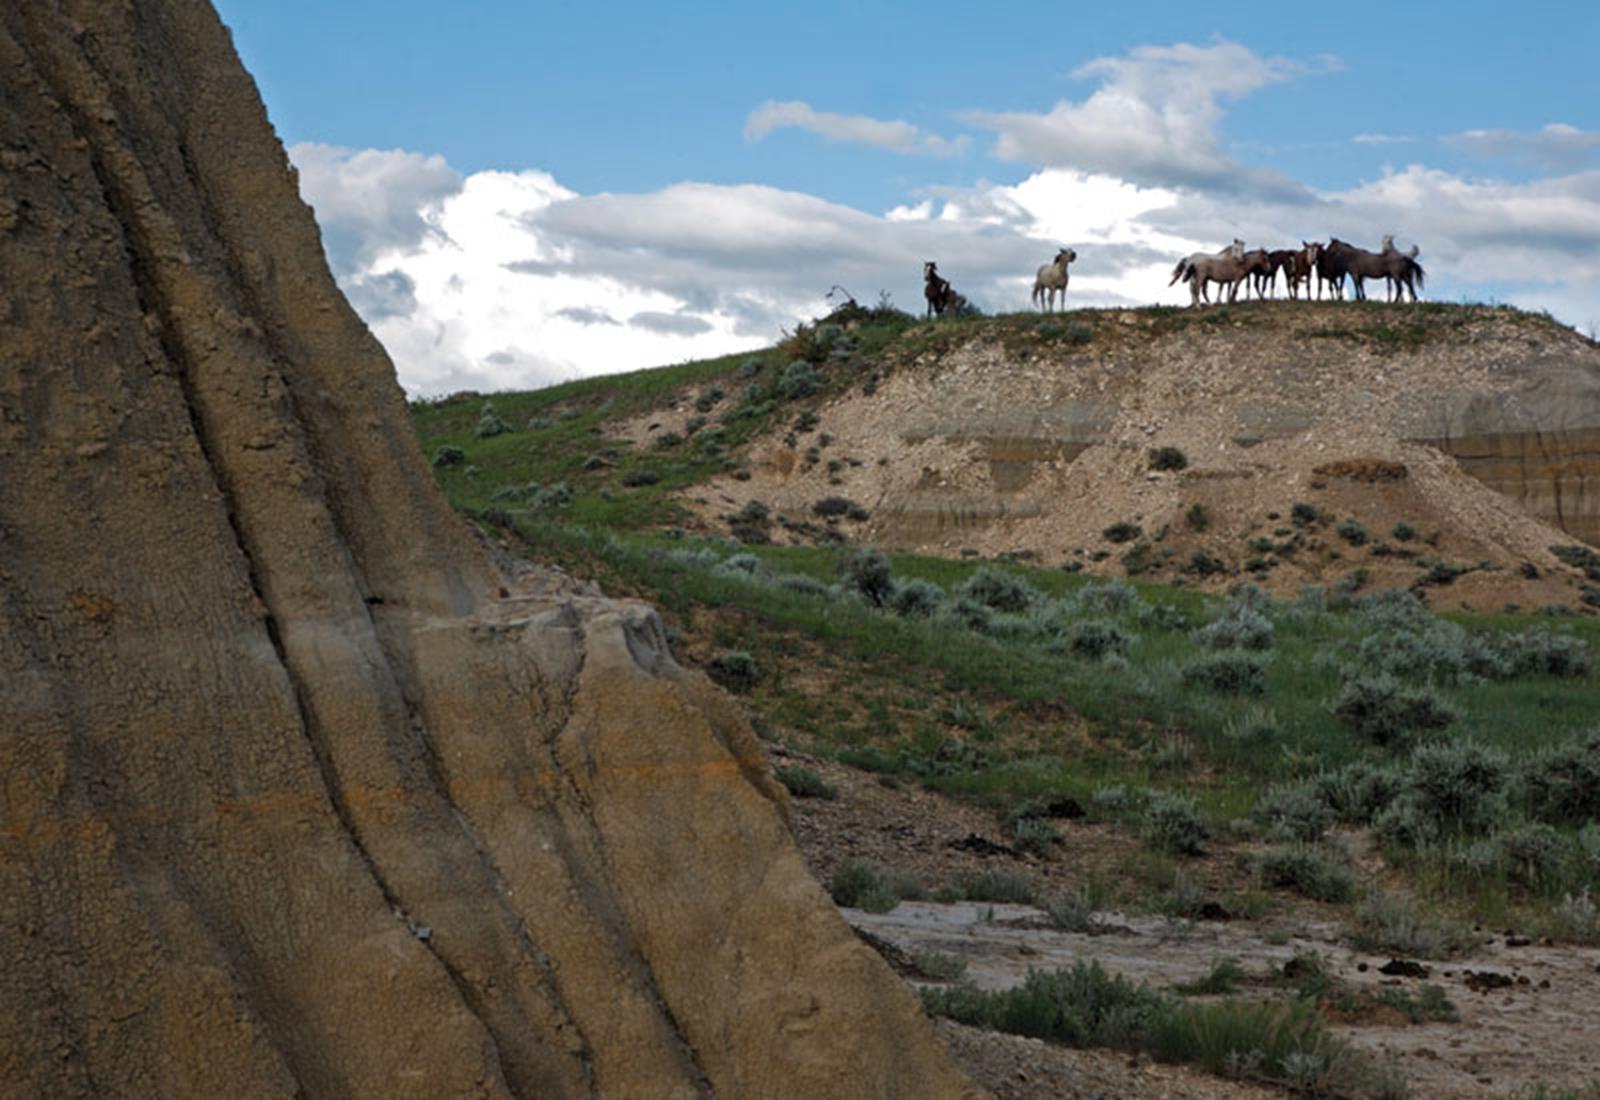 Theodore Roosevelt National Park, Badlands. Credit: ND Parks & Rec.